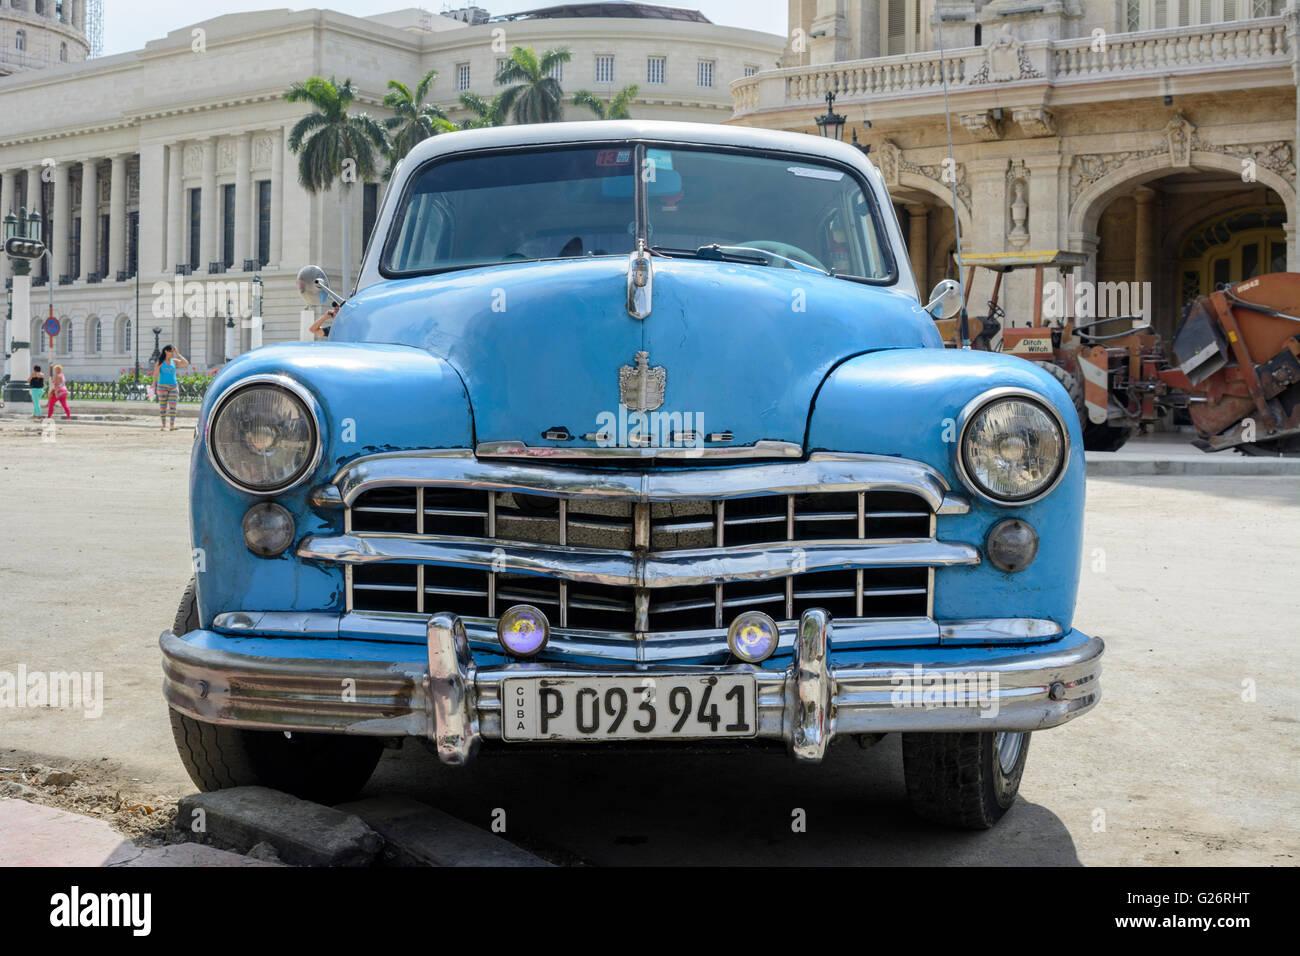 Vintage American car (Dodge) in Parque Central, Old Havana, Cuba ...